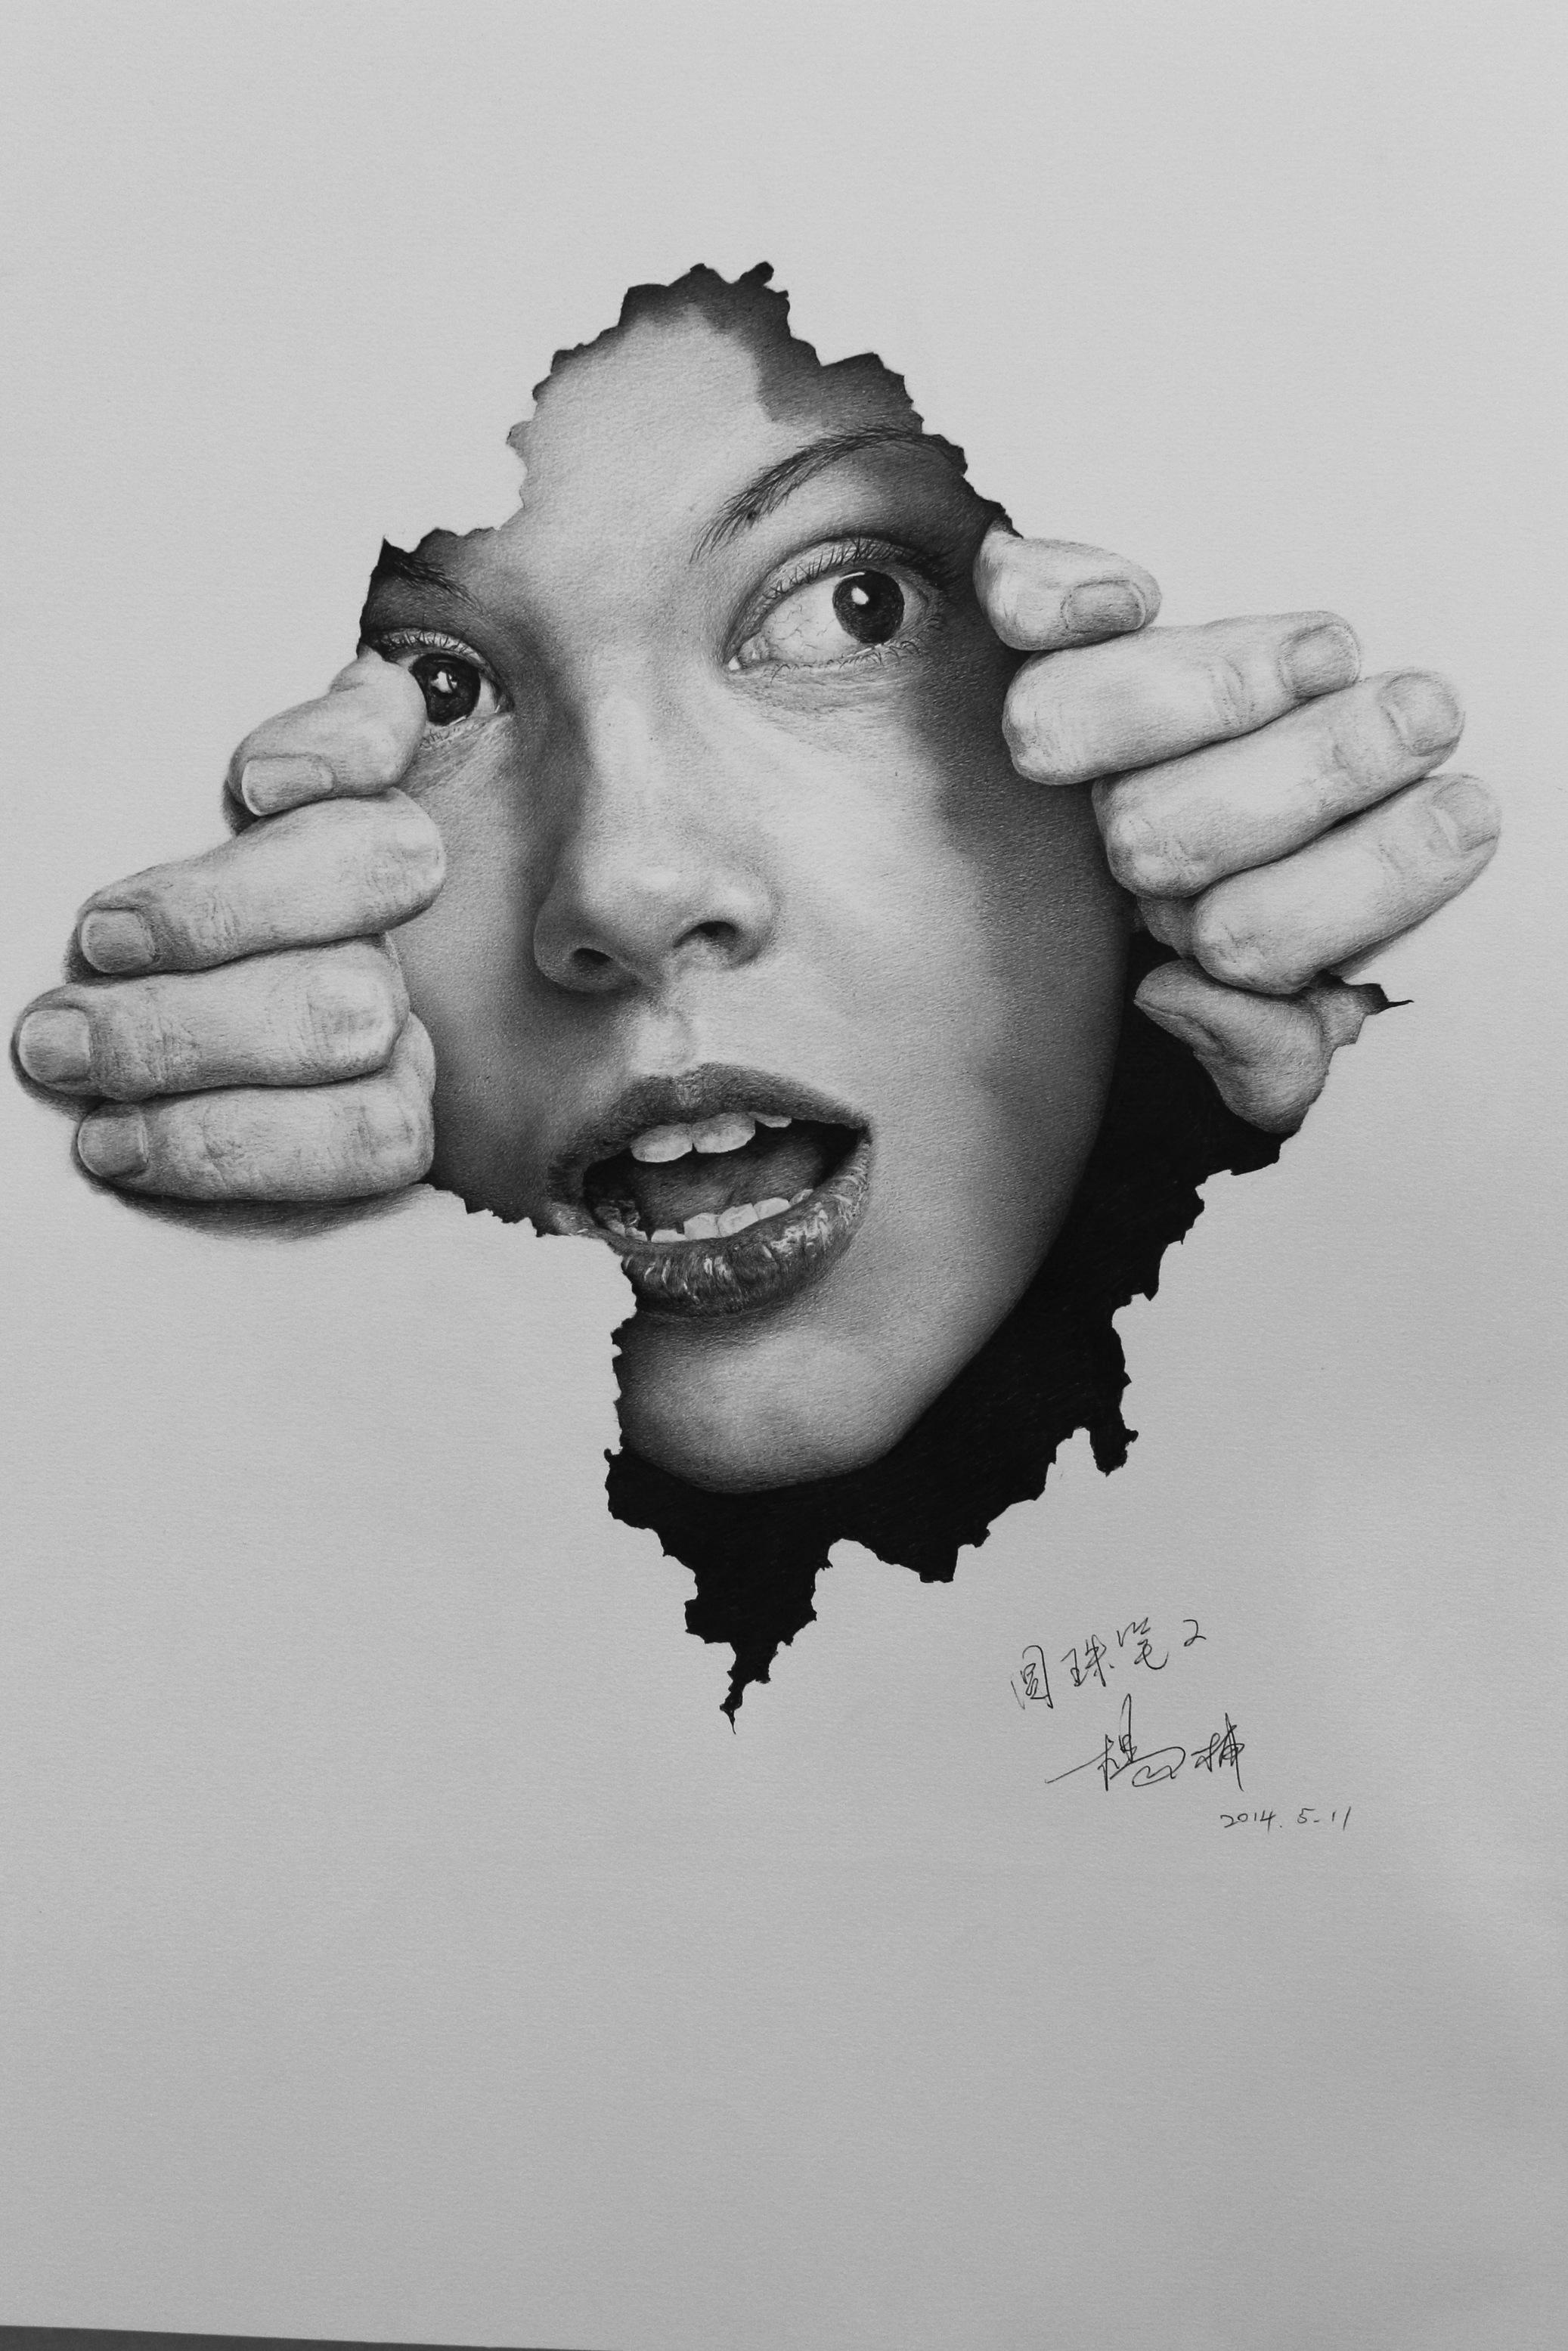 手绘头像酷黑白写实